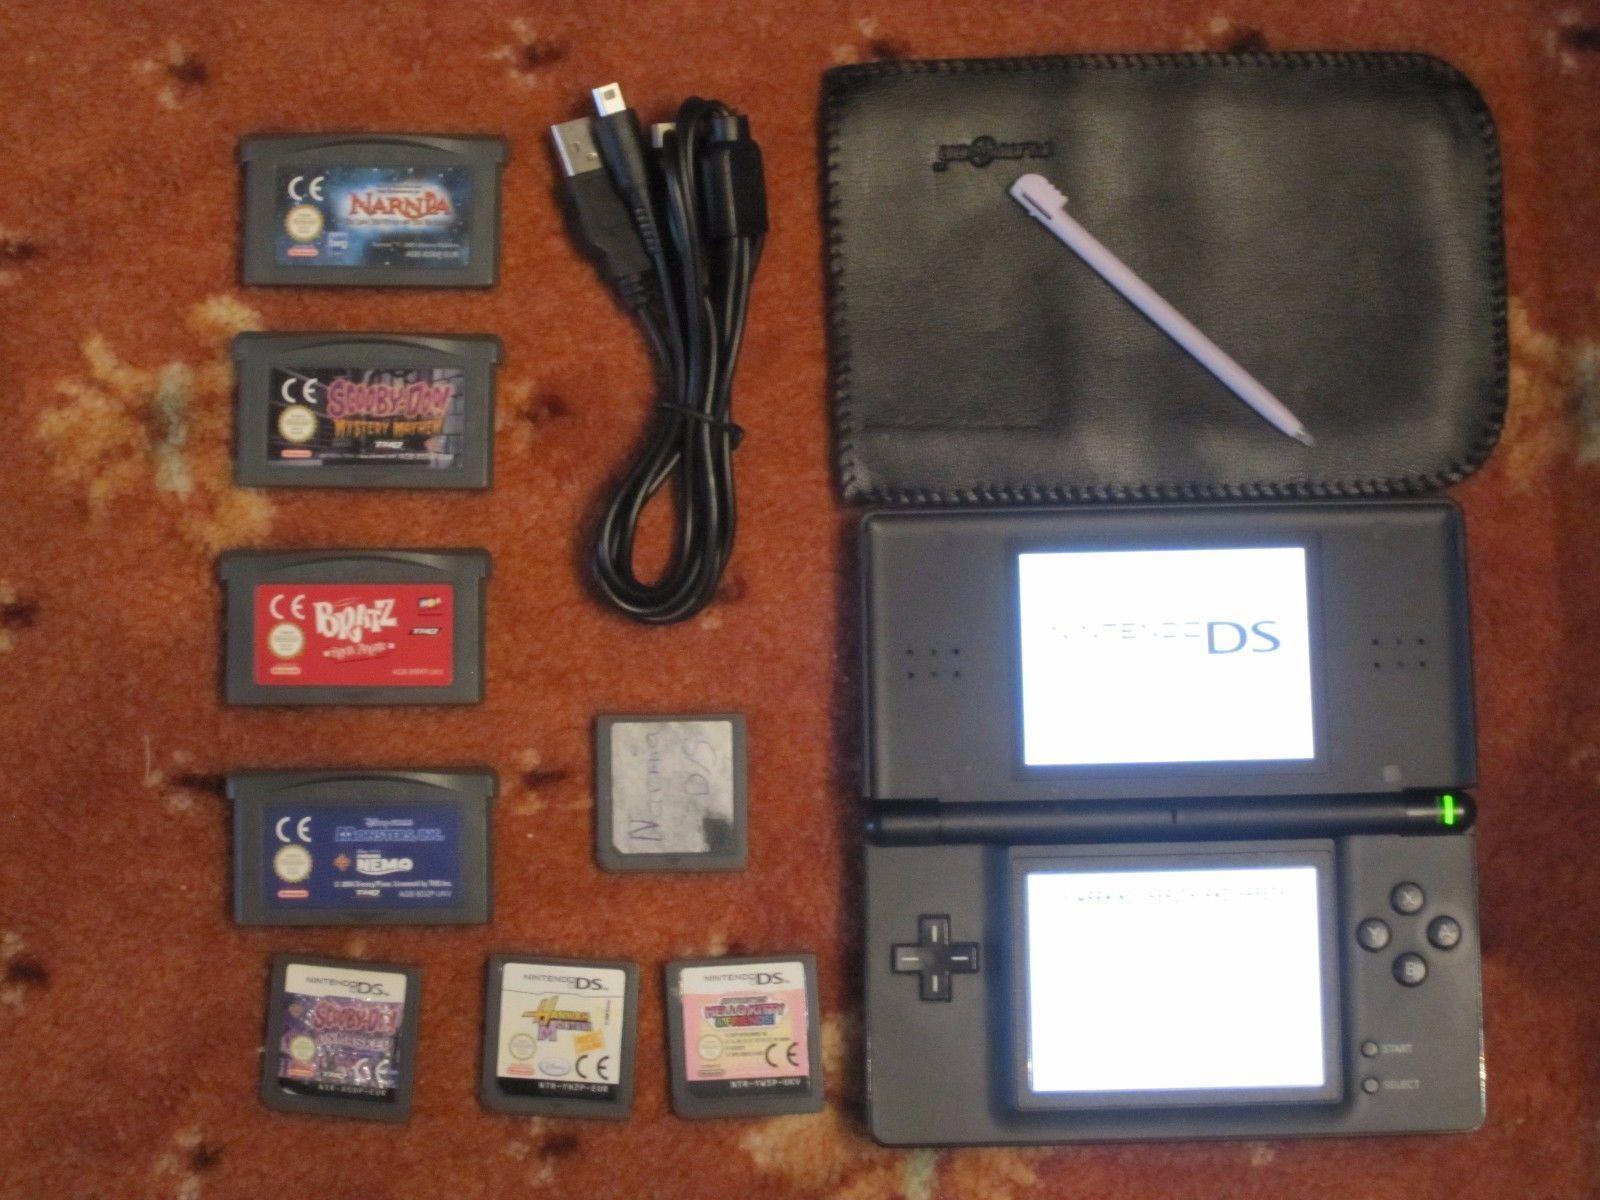 Black Nintendo DS Lite 8 games case & USB charger bundle. https://t.co/IBfXFDbeMz https://t.co/6QiG3NHNPL